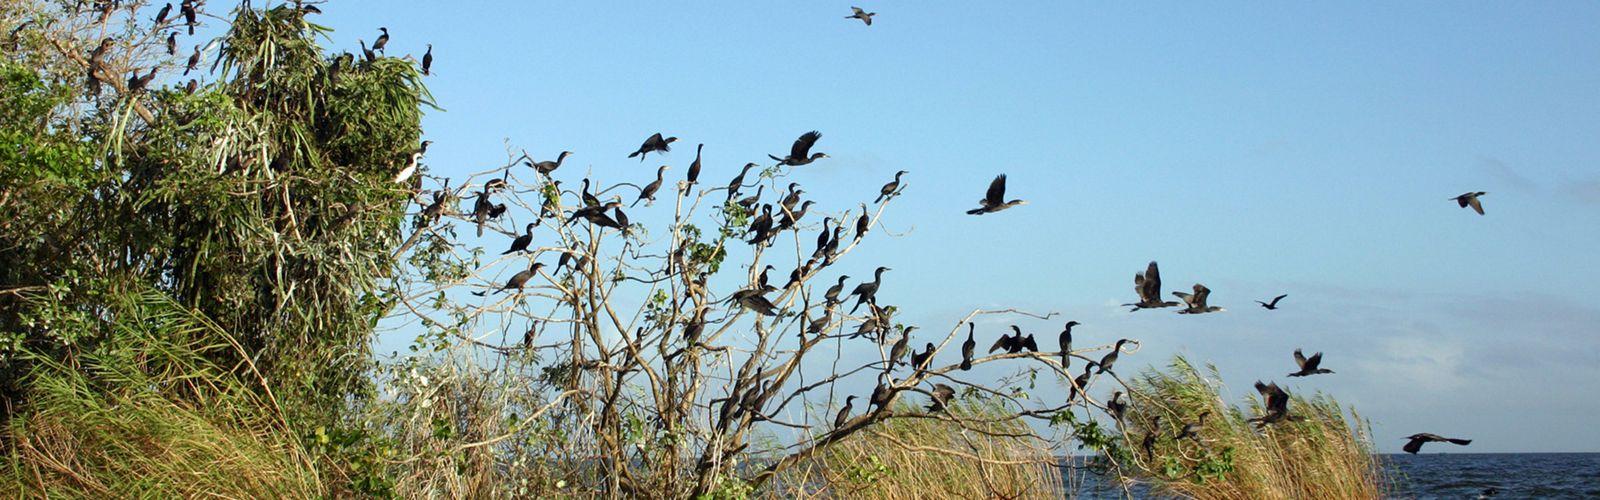 Las aves  se agrupan entre las ramas de los árboles en el lago de Nicaragua en el archipiélago de la isla de Solentiname en Nicaragua